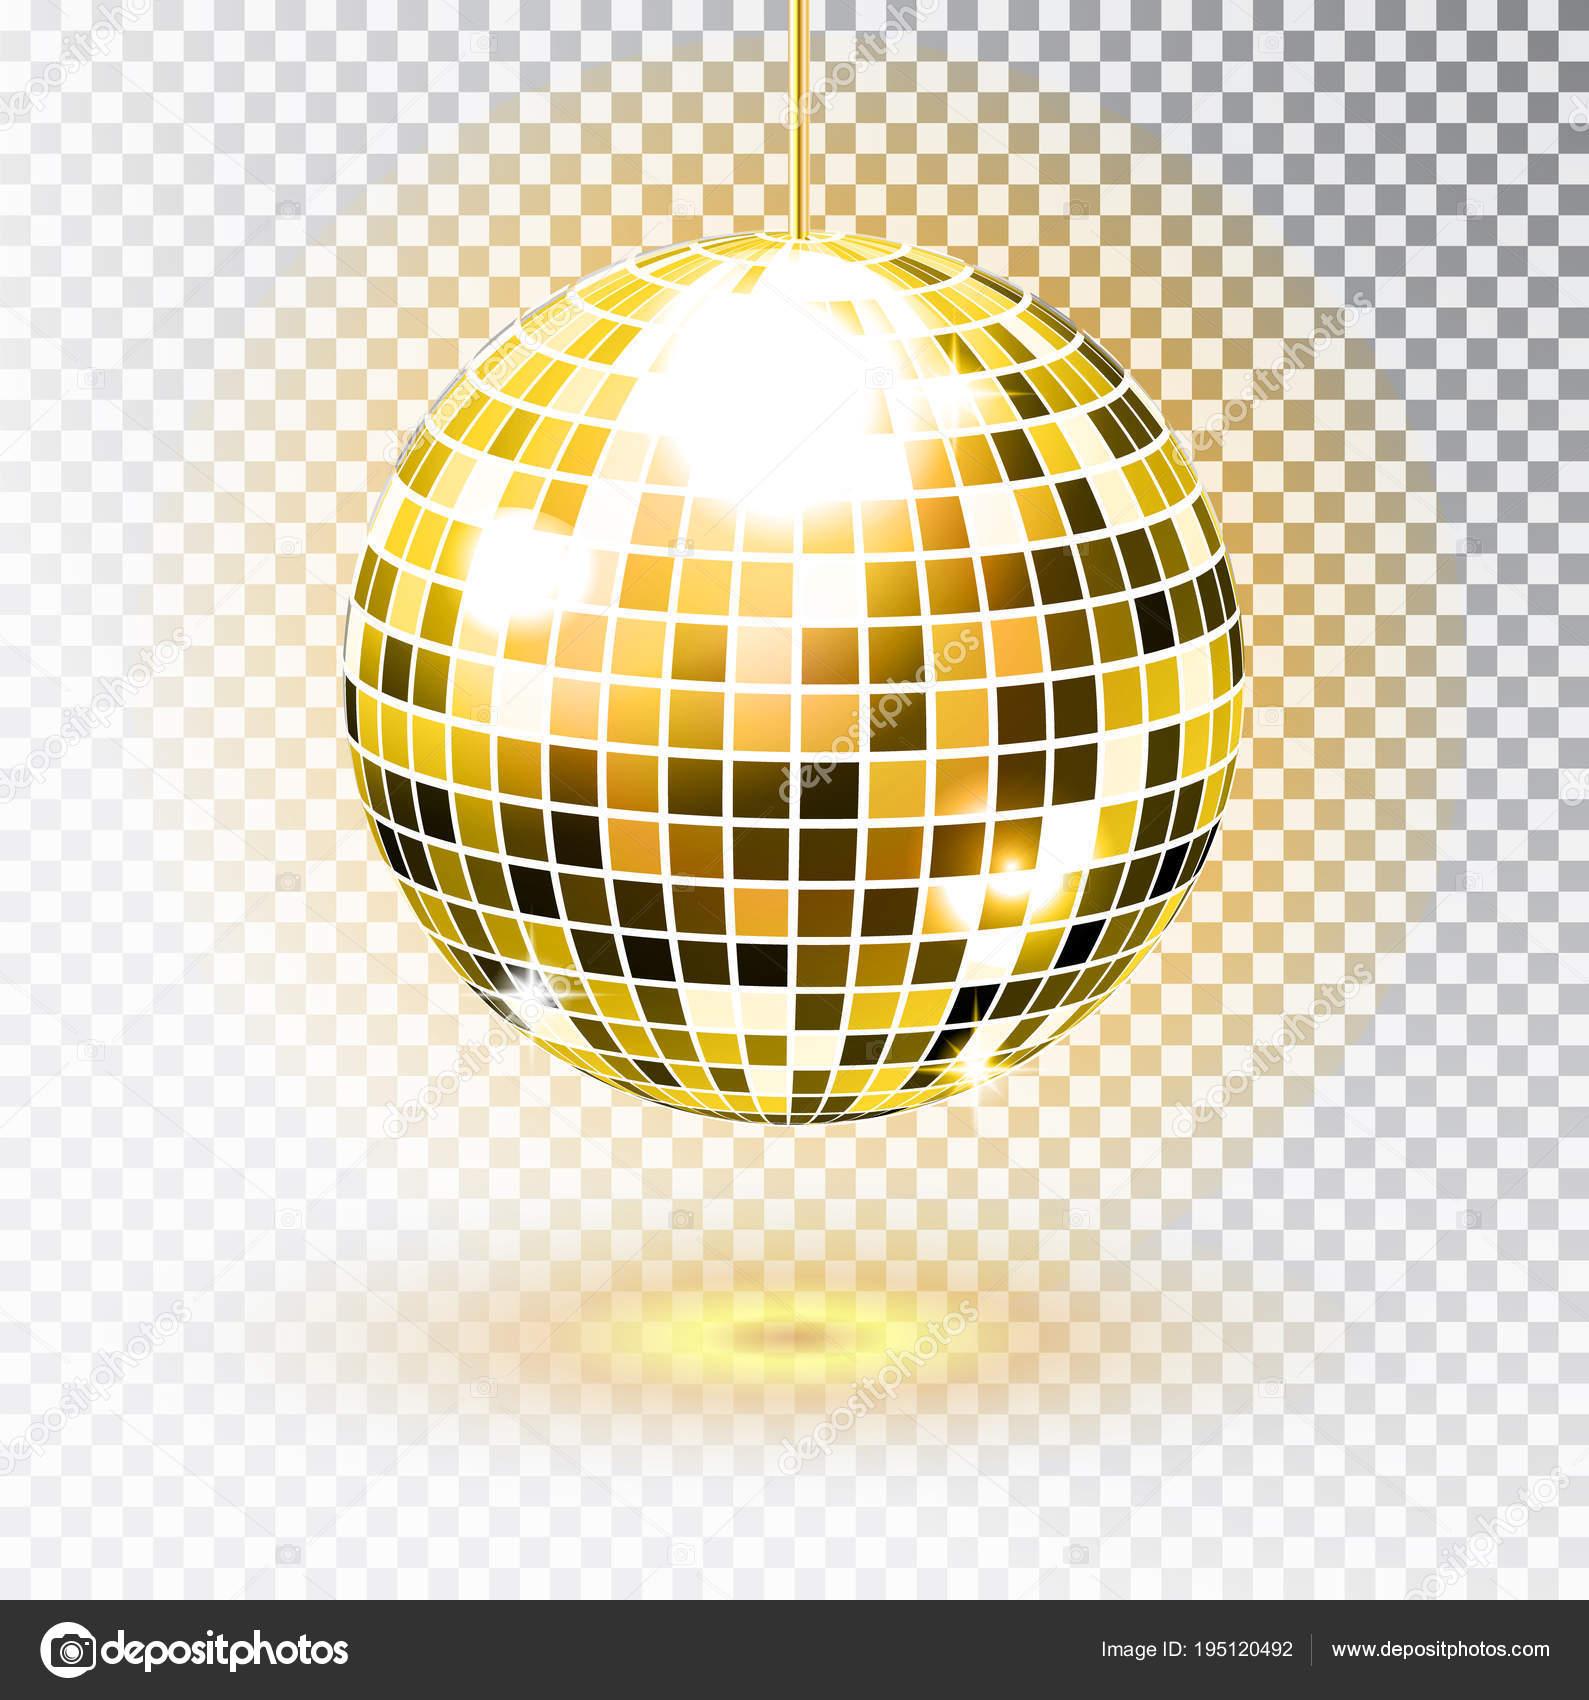 11f2ada3bef1 Bola de discoteca Golden. Ilustración de vector. Aislado. Elemento luz de  parte de Club de noche.